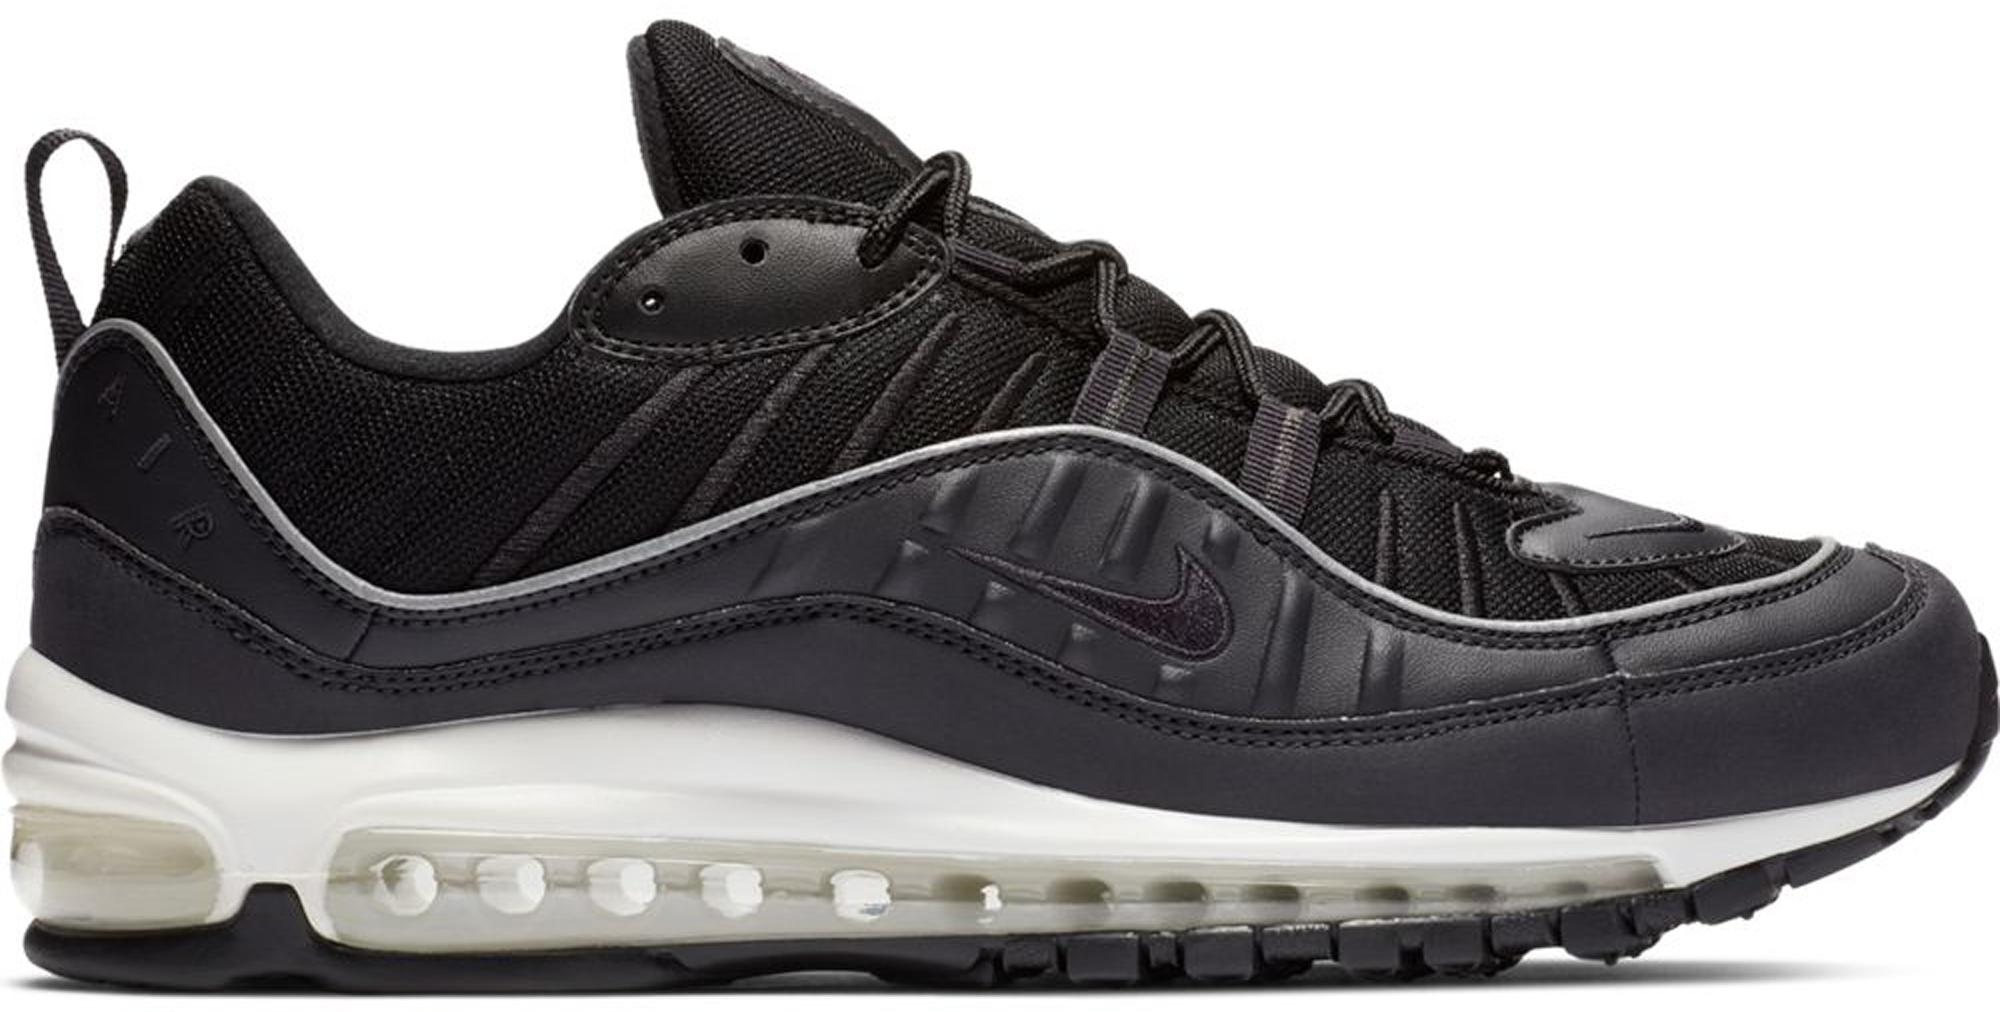 Nike Air Max 98 Oil Grey - 640744-009